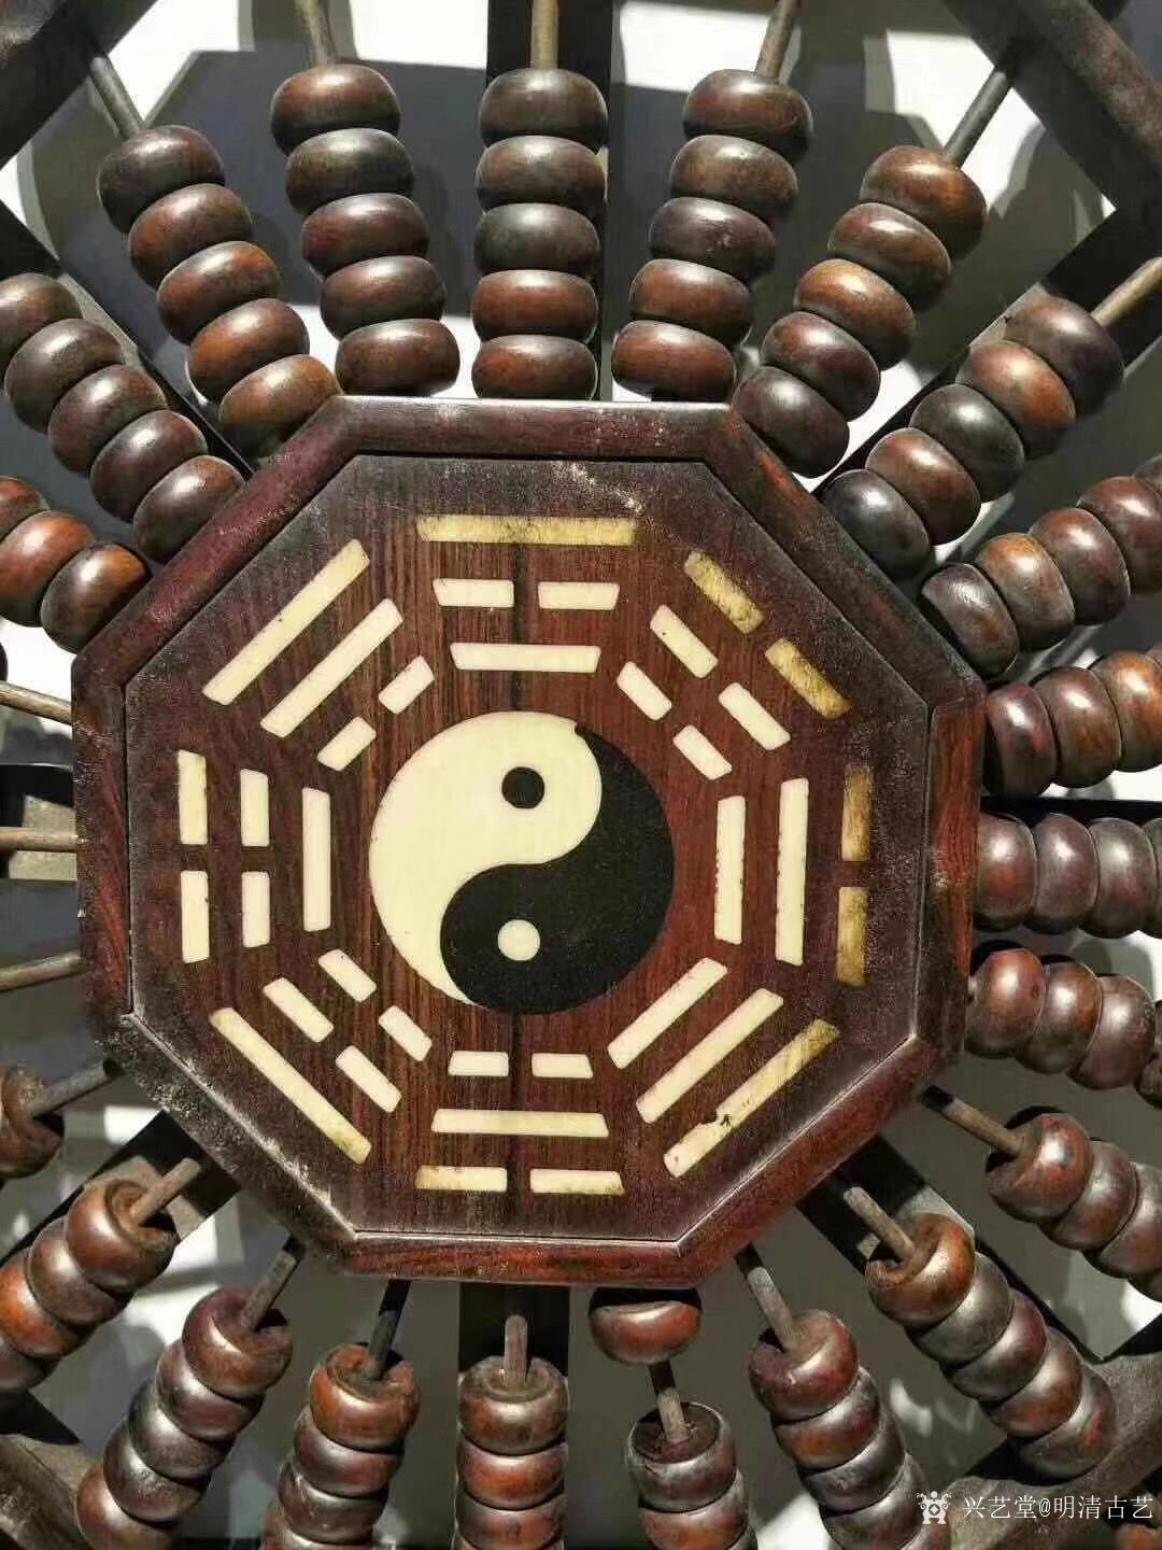 明清古艺文玩杂项作品《民国红木八卦算盘》【图1】